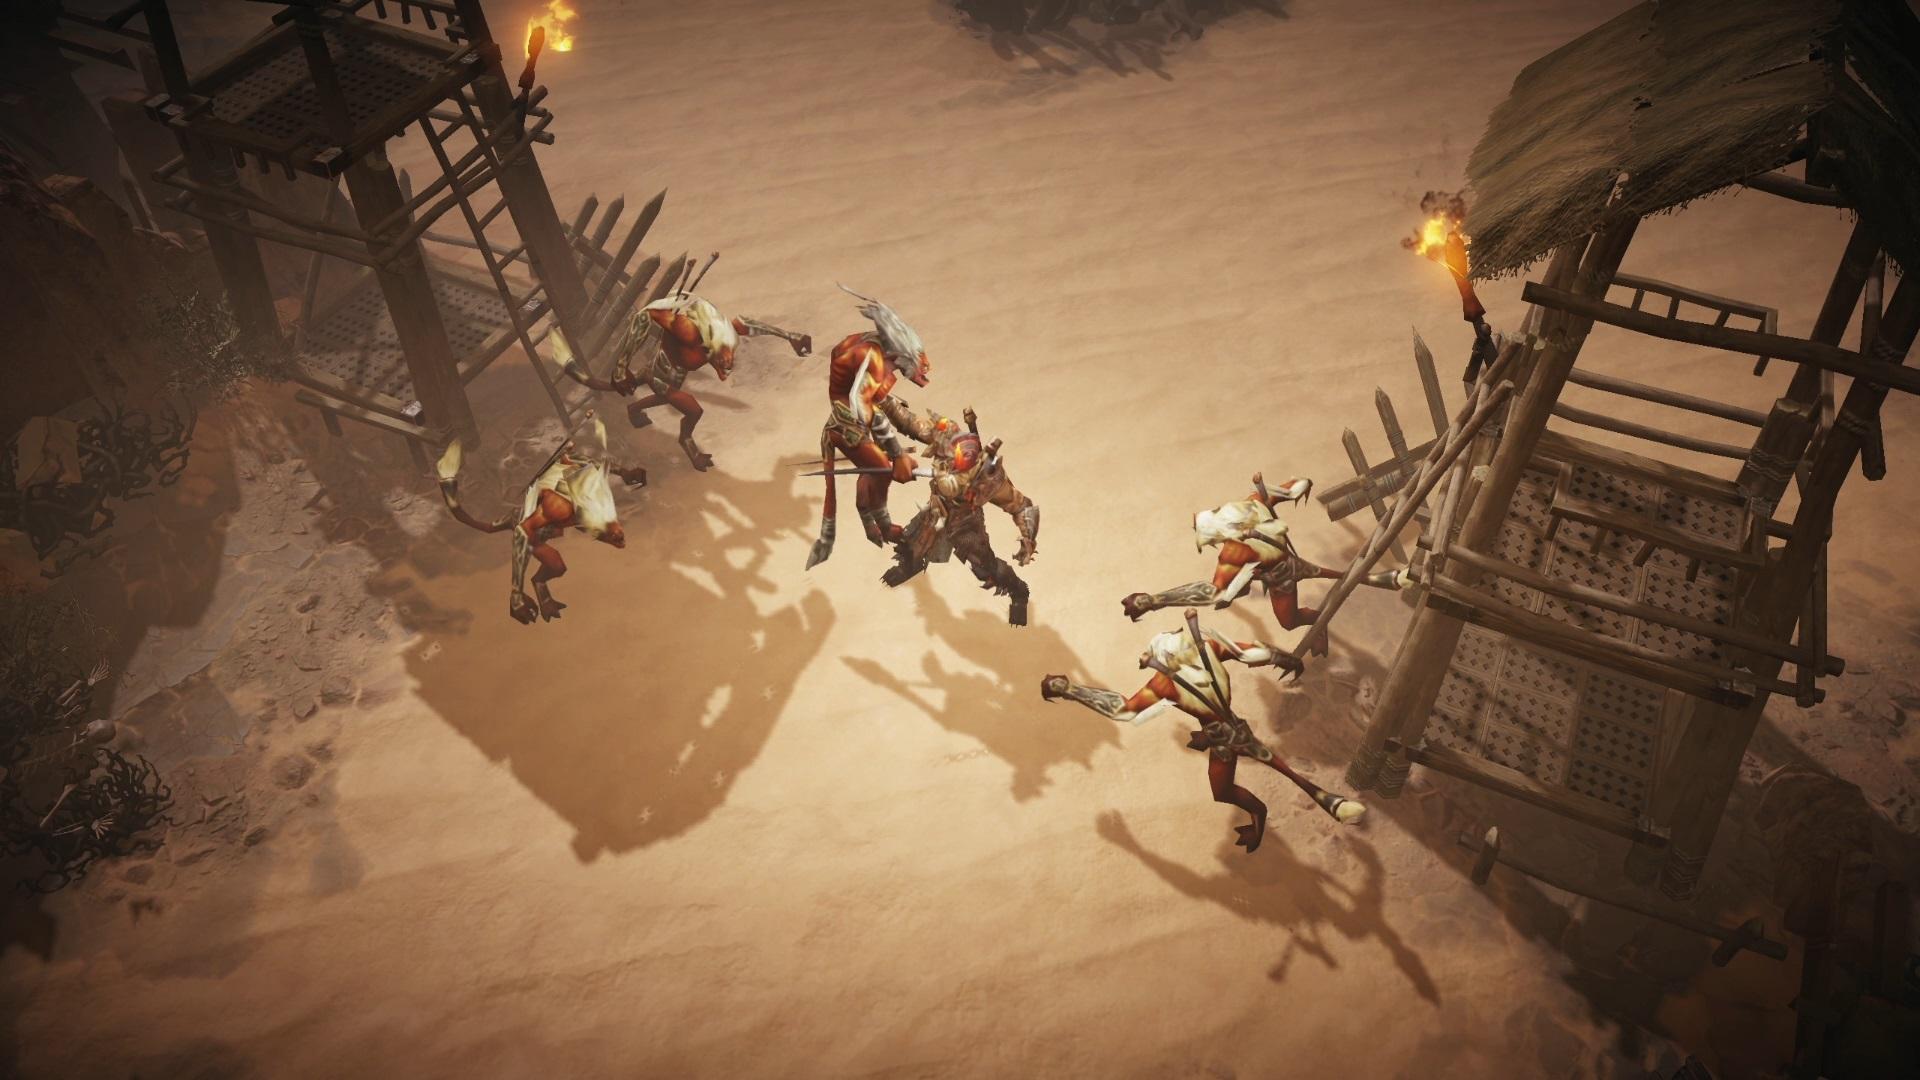 Até personagens já presentes no primeiro teste, como o Bárbaro, estão com animações mais fluídas